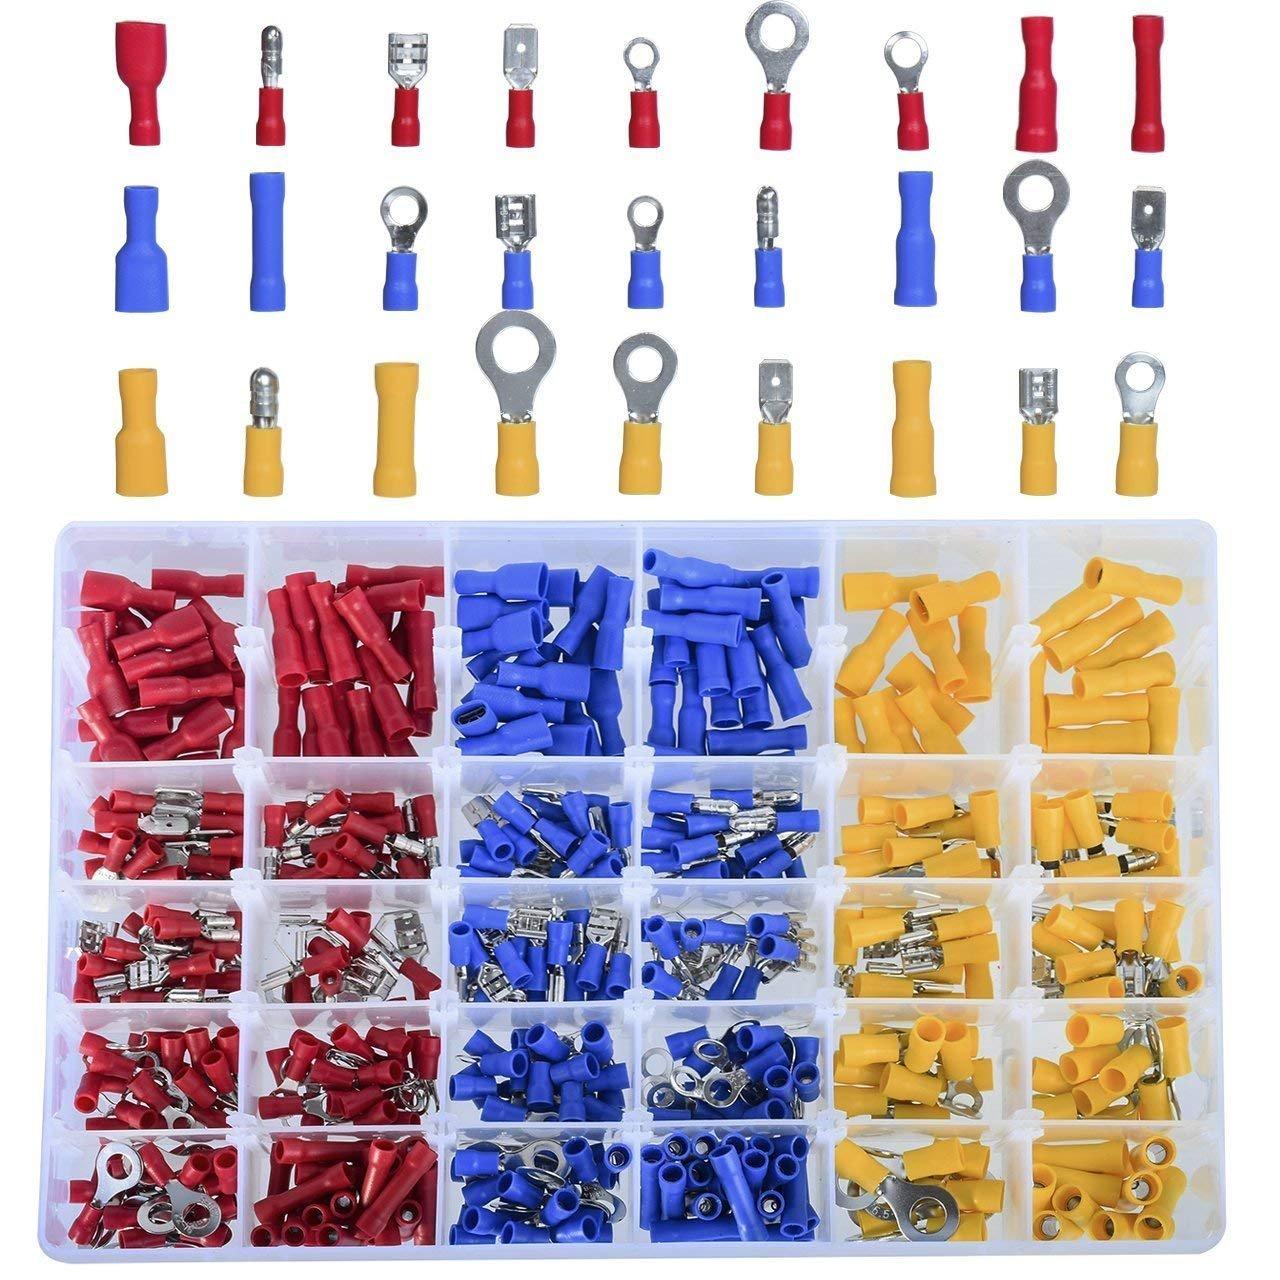 Tamlltide 480 stü cke Crimp-anschlü sse, Isolierte Elektrische Steckverbinder Flachstecker Crimp-anschluss Set Stoß verbinder Kabelschuh Sortiment Blau Rot Gelb